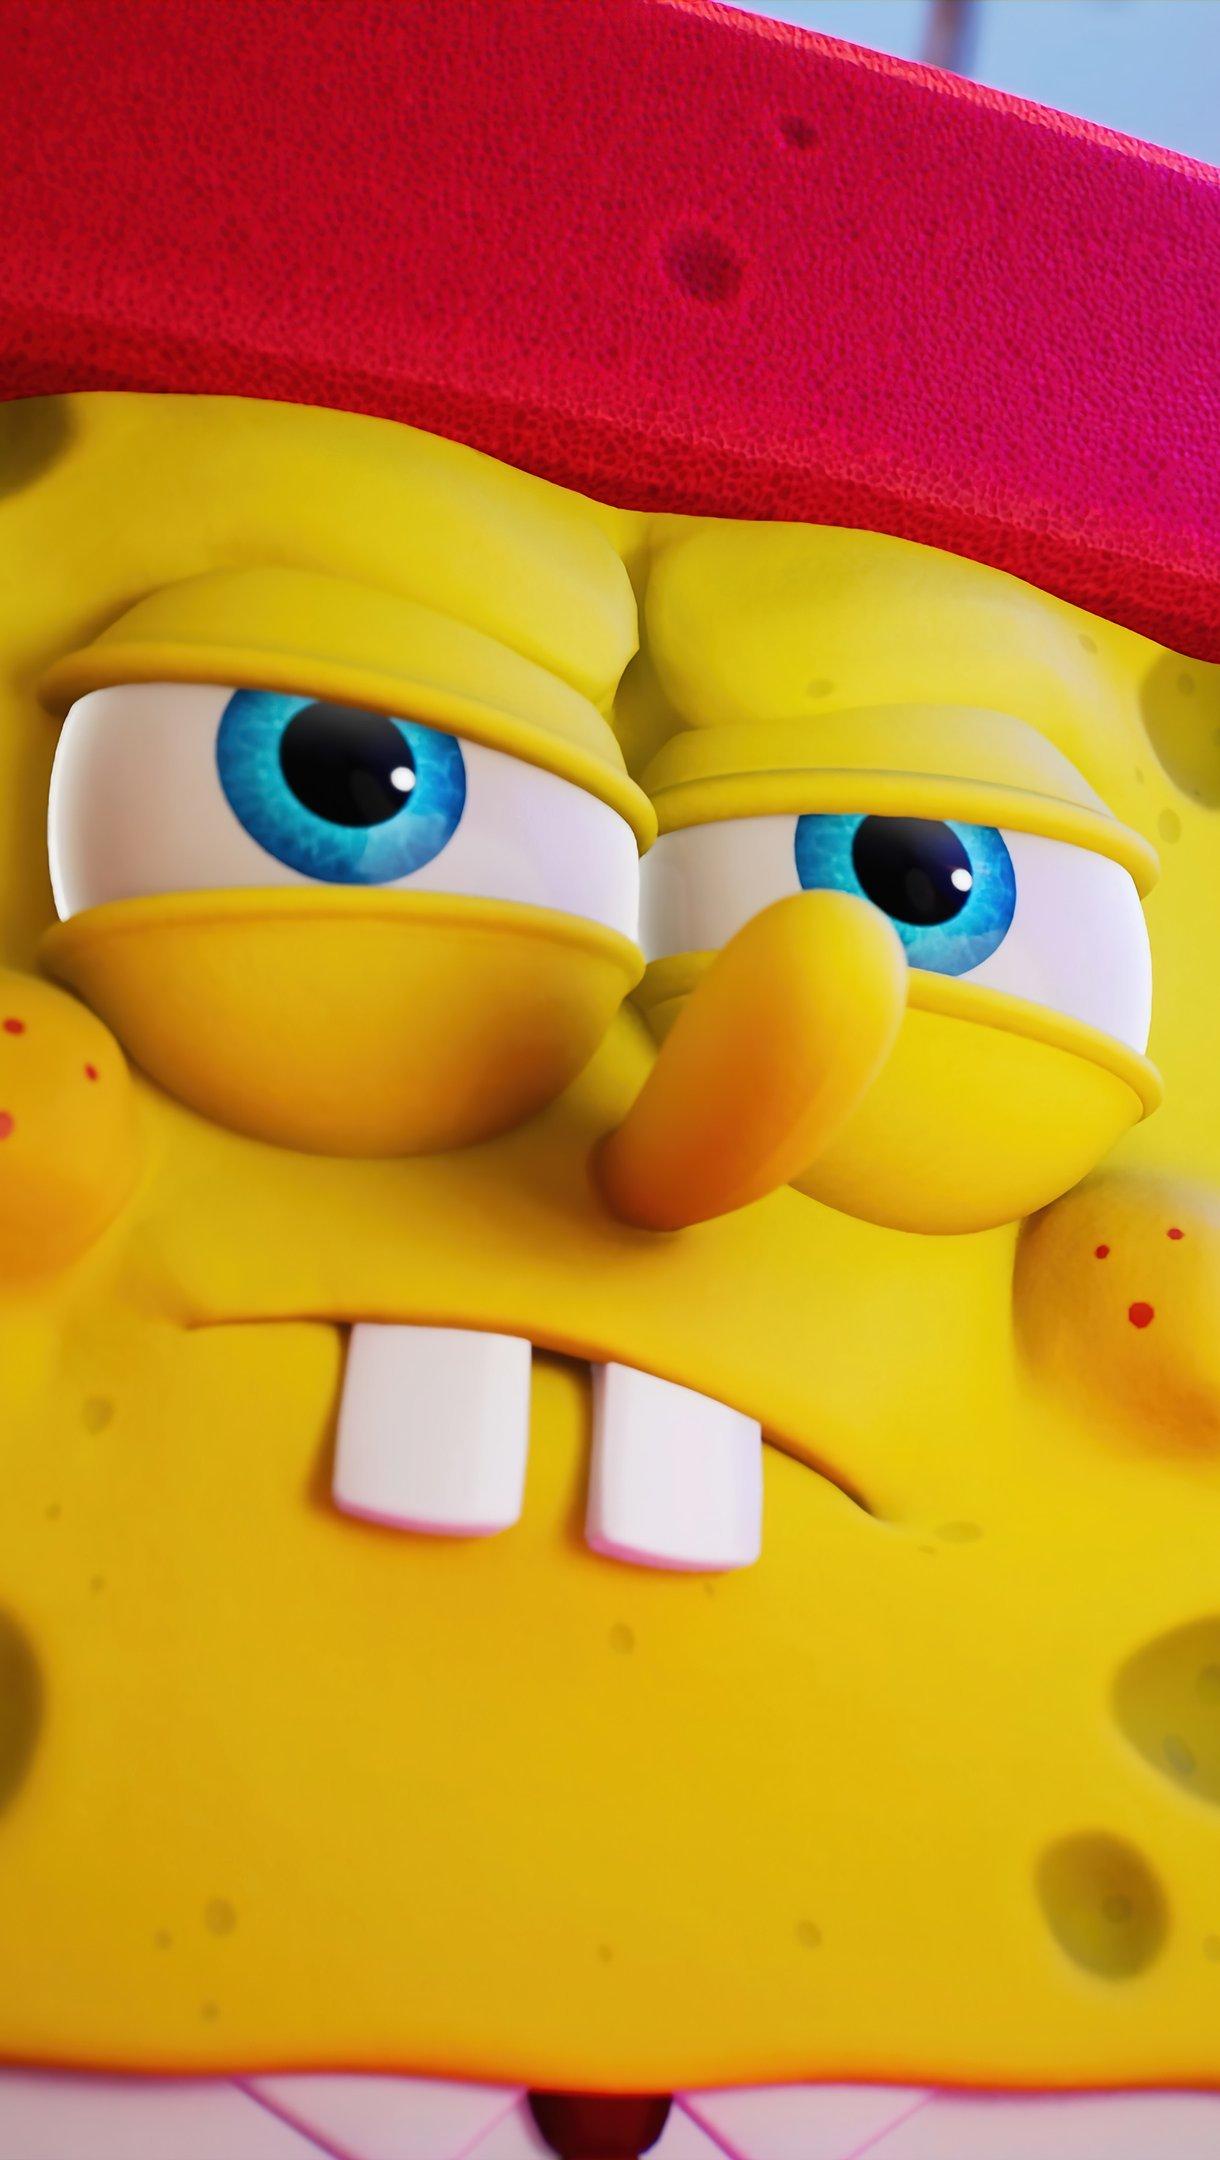 Fondos de pantalla Spongebob Squarepants en El batido cósmico Vertical